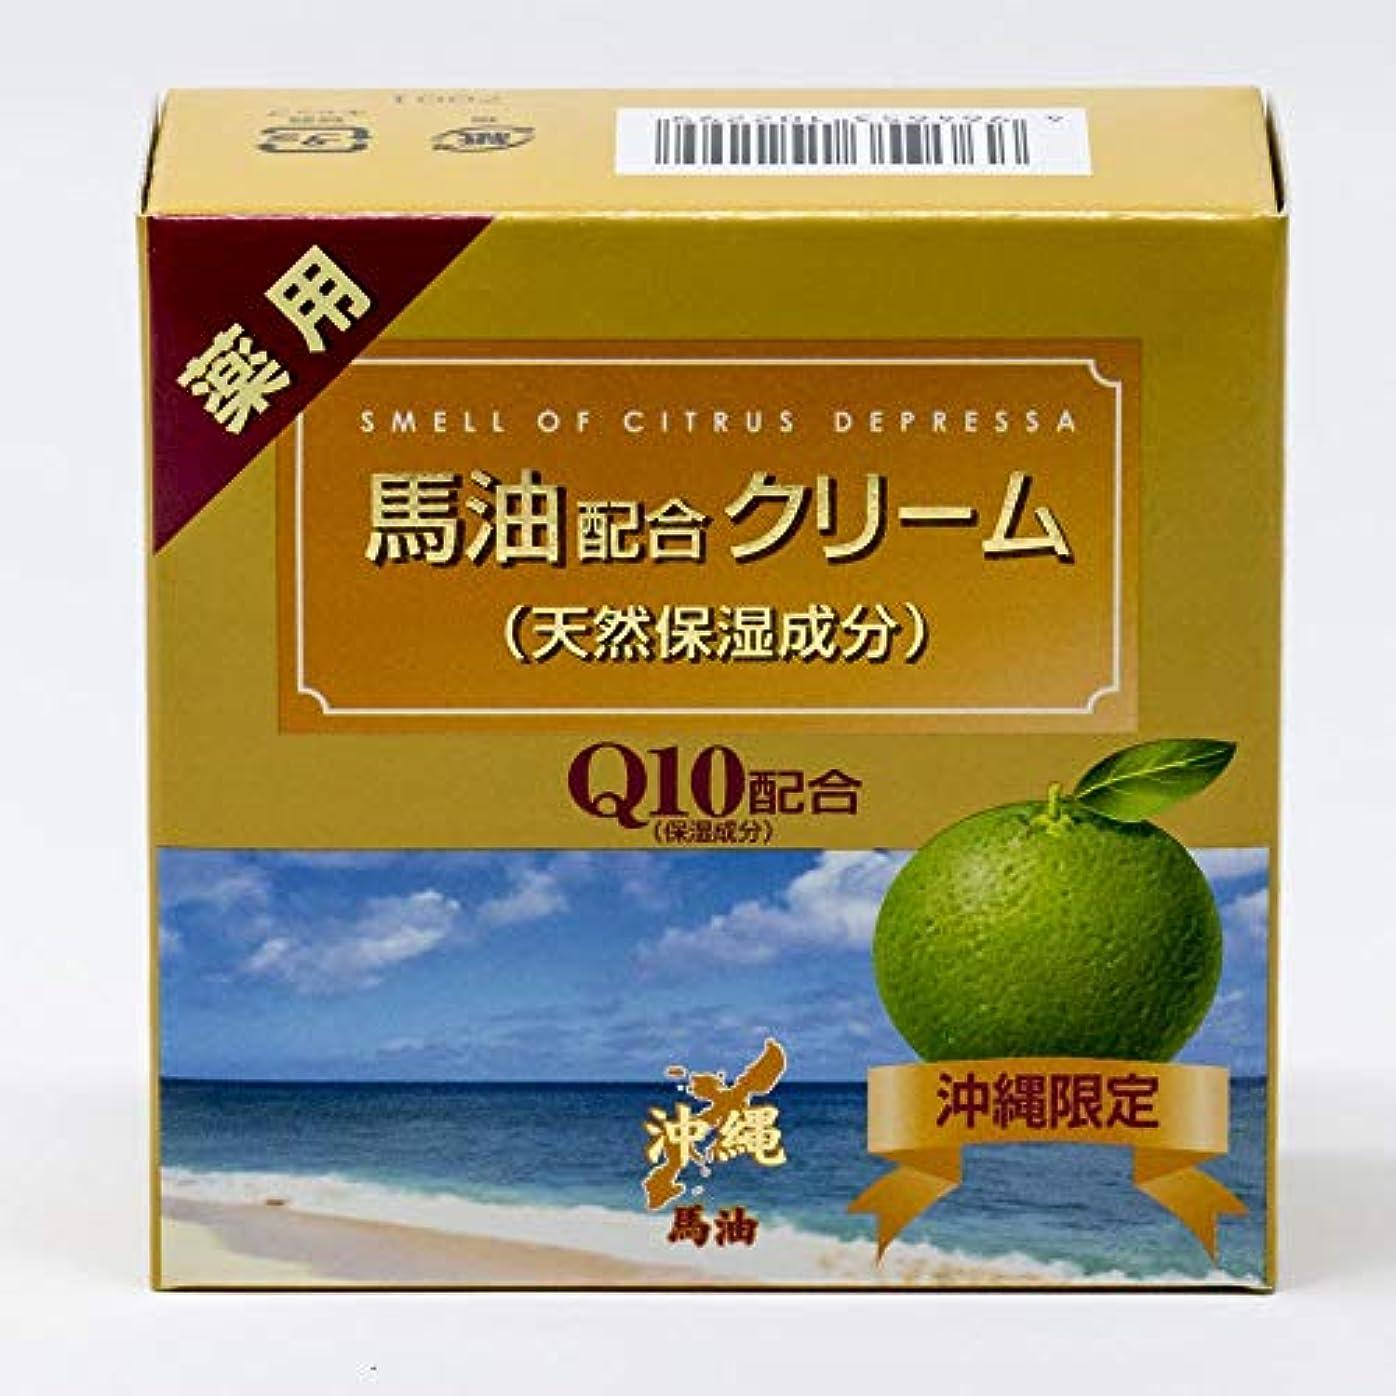 変換キリスト教財産薬用 馬油クリーム シークヮーサーの香り Q10配合(沖縄限定)